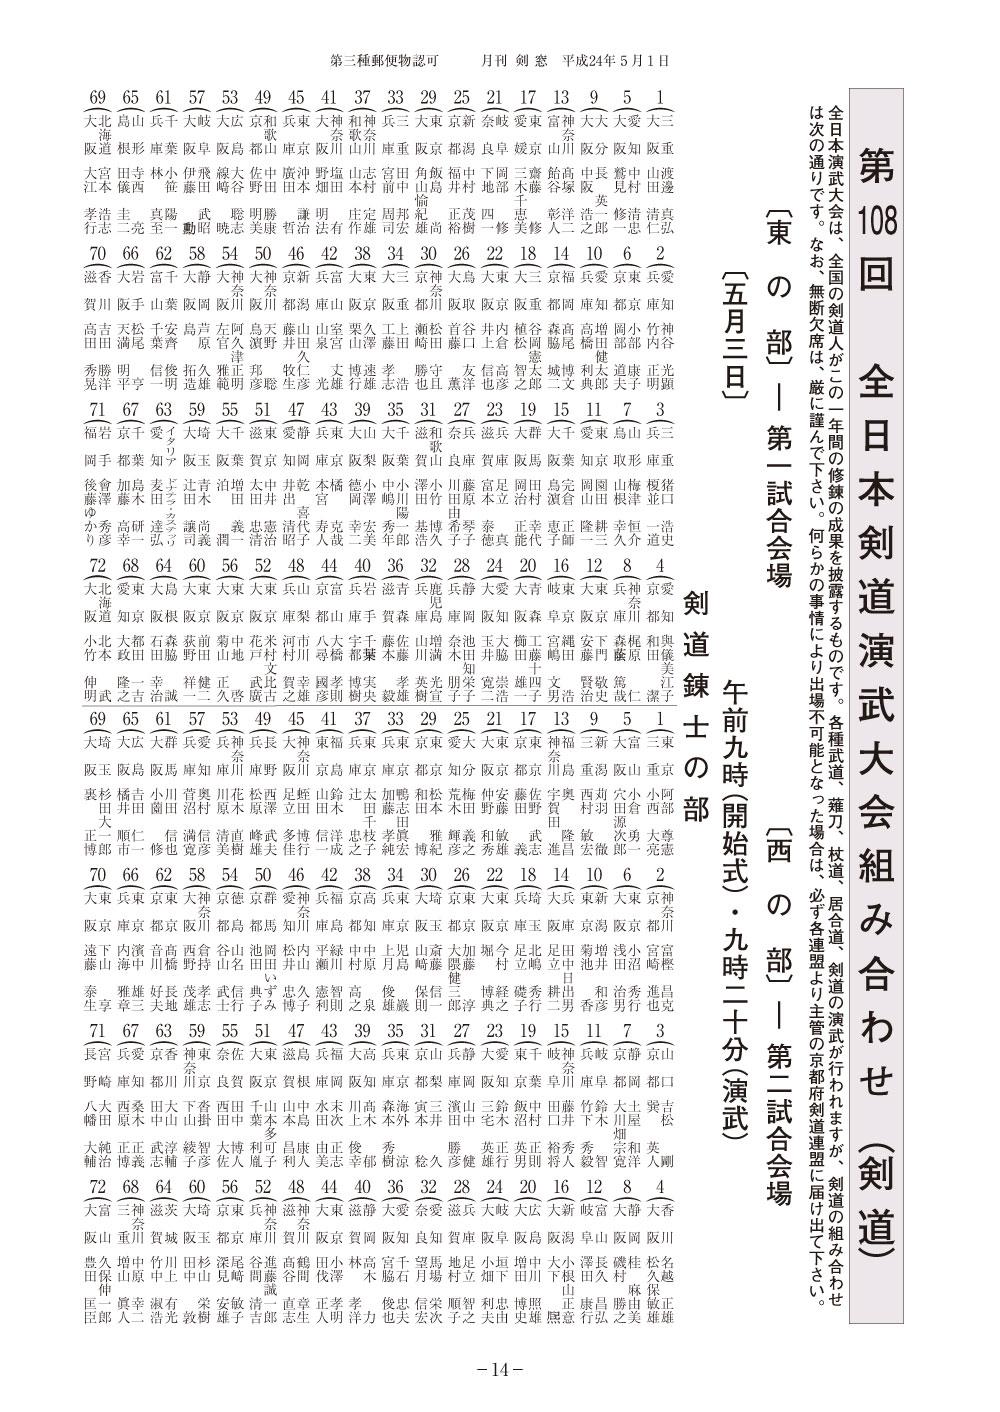 第108回全日本剣道演武大会(剣道)組合せ_001